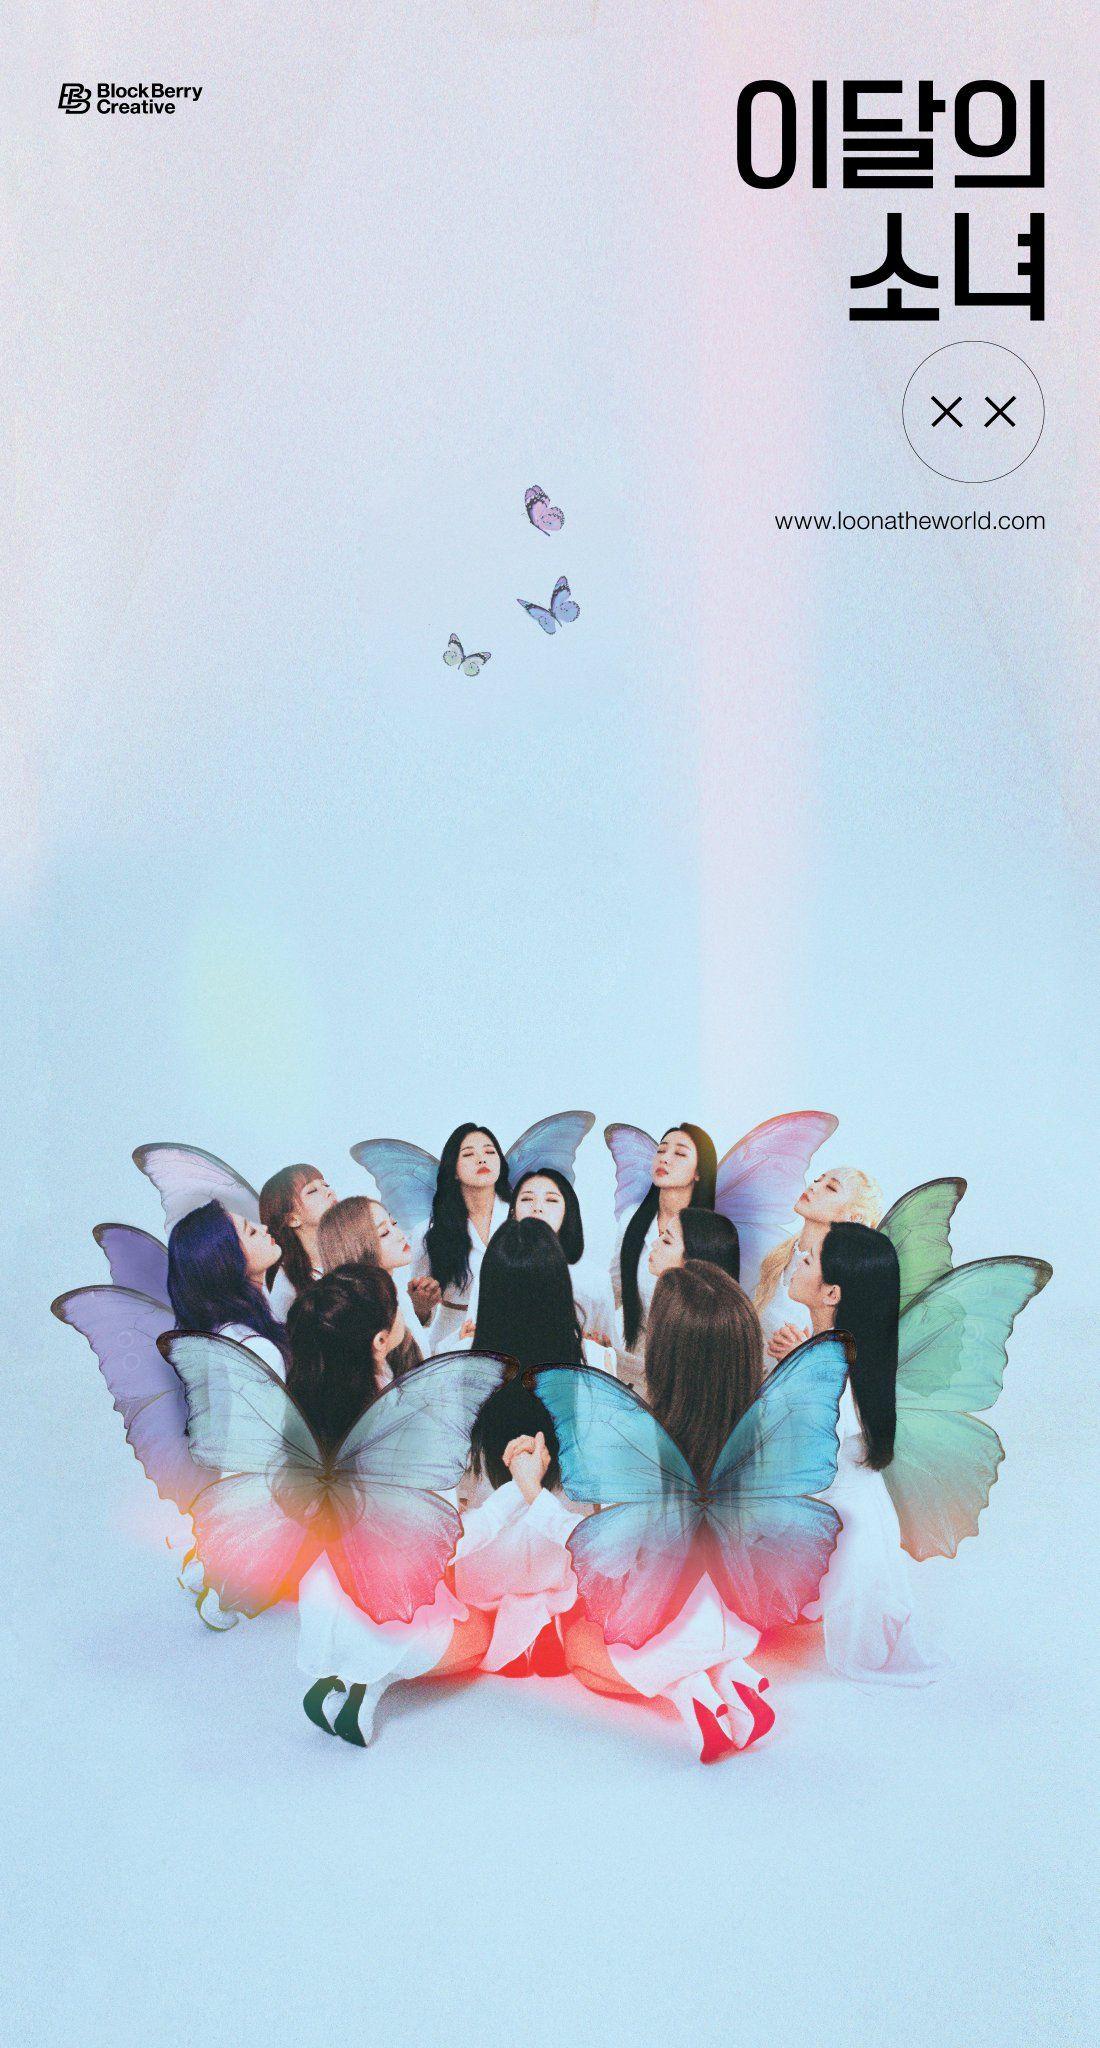 이달의 소녀 Loopd On Twitter Butterfly 2019 02 19 Pm6 Kst 한정a B 버전에는 다음 앨범의 스포일러를 담은 두개의 히든 쿠키 음원이 하나씩 숨어 Kpop Posters Butterfly Wallpaper Kpop Wallpaper